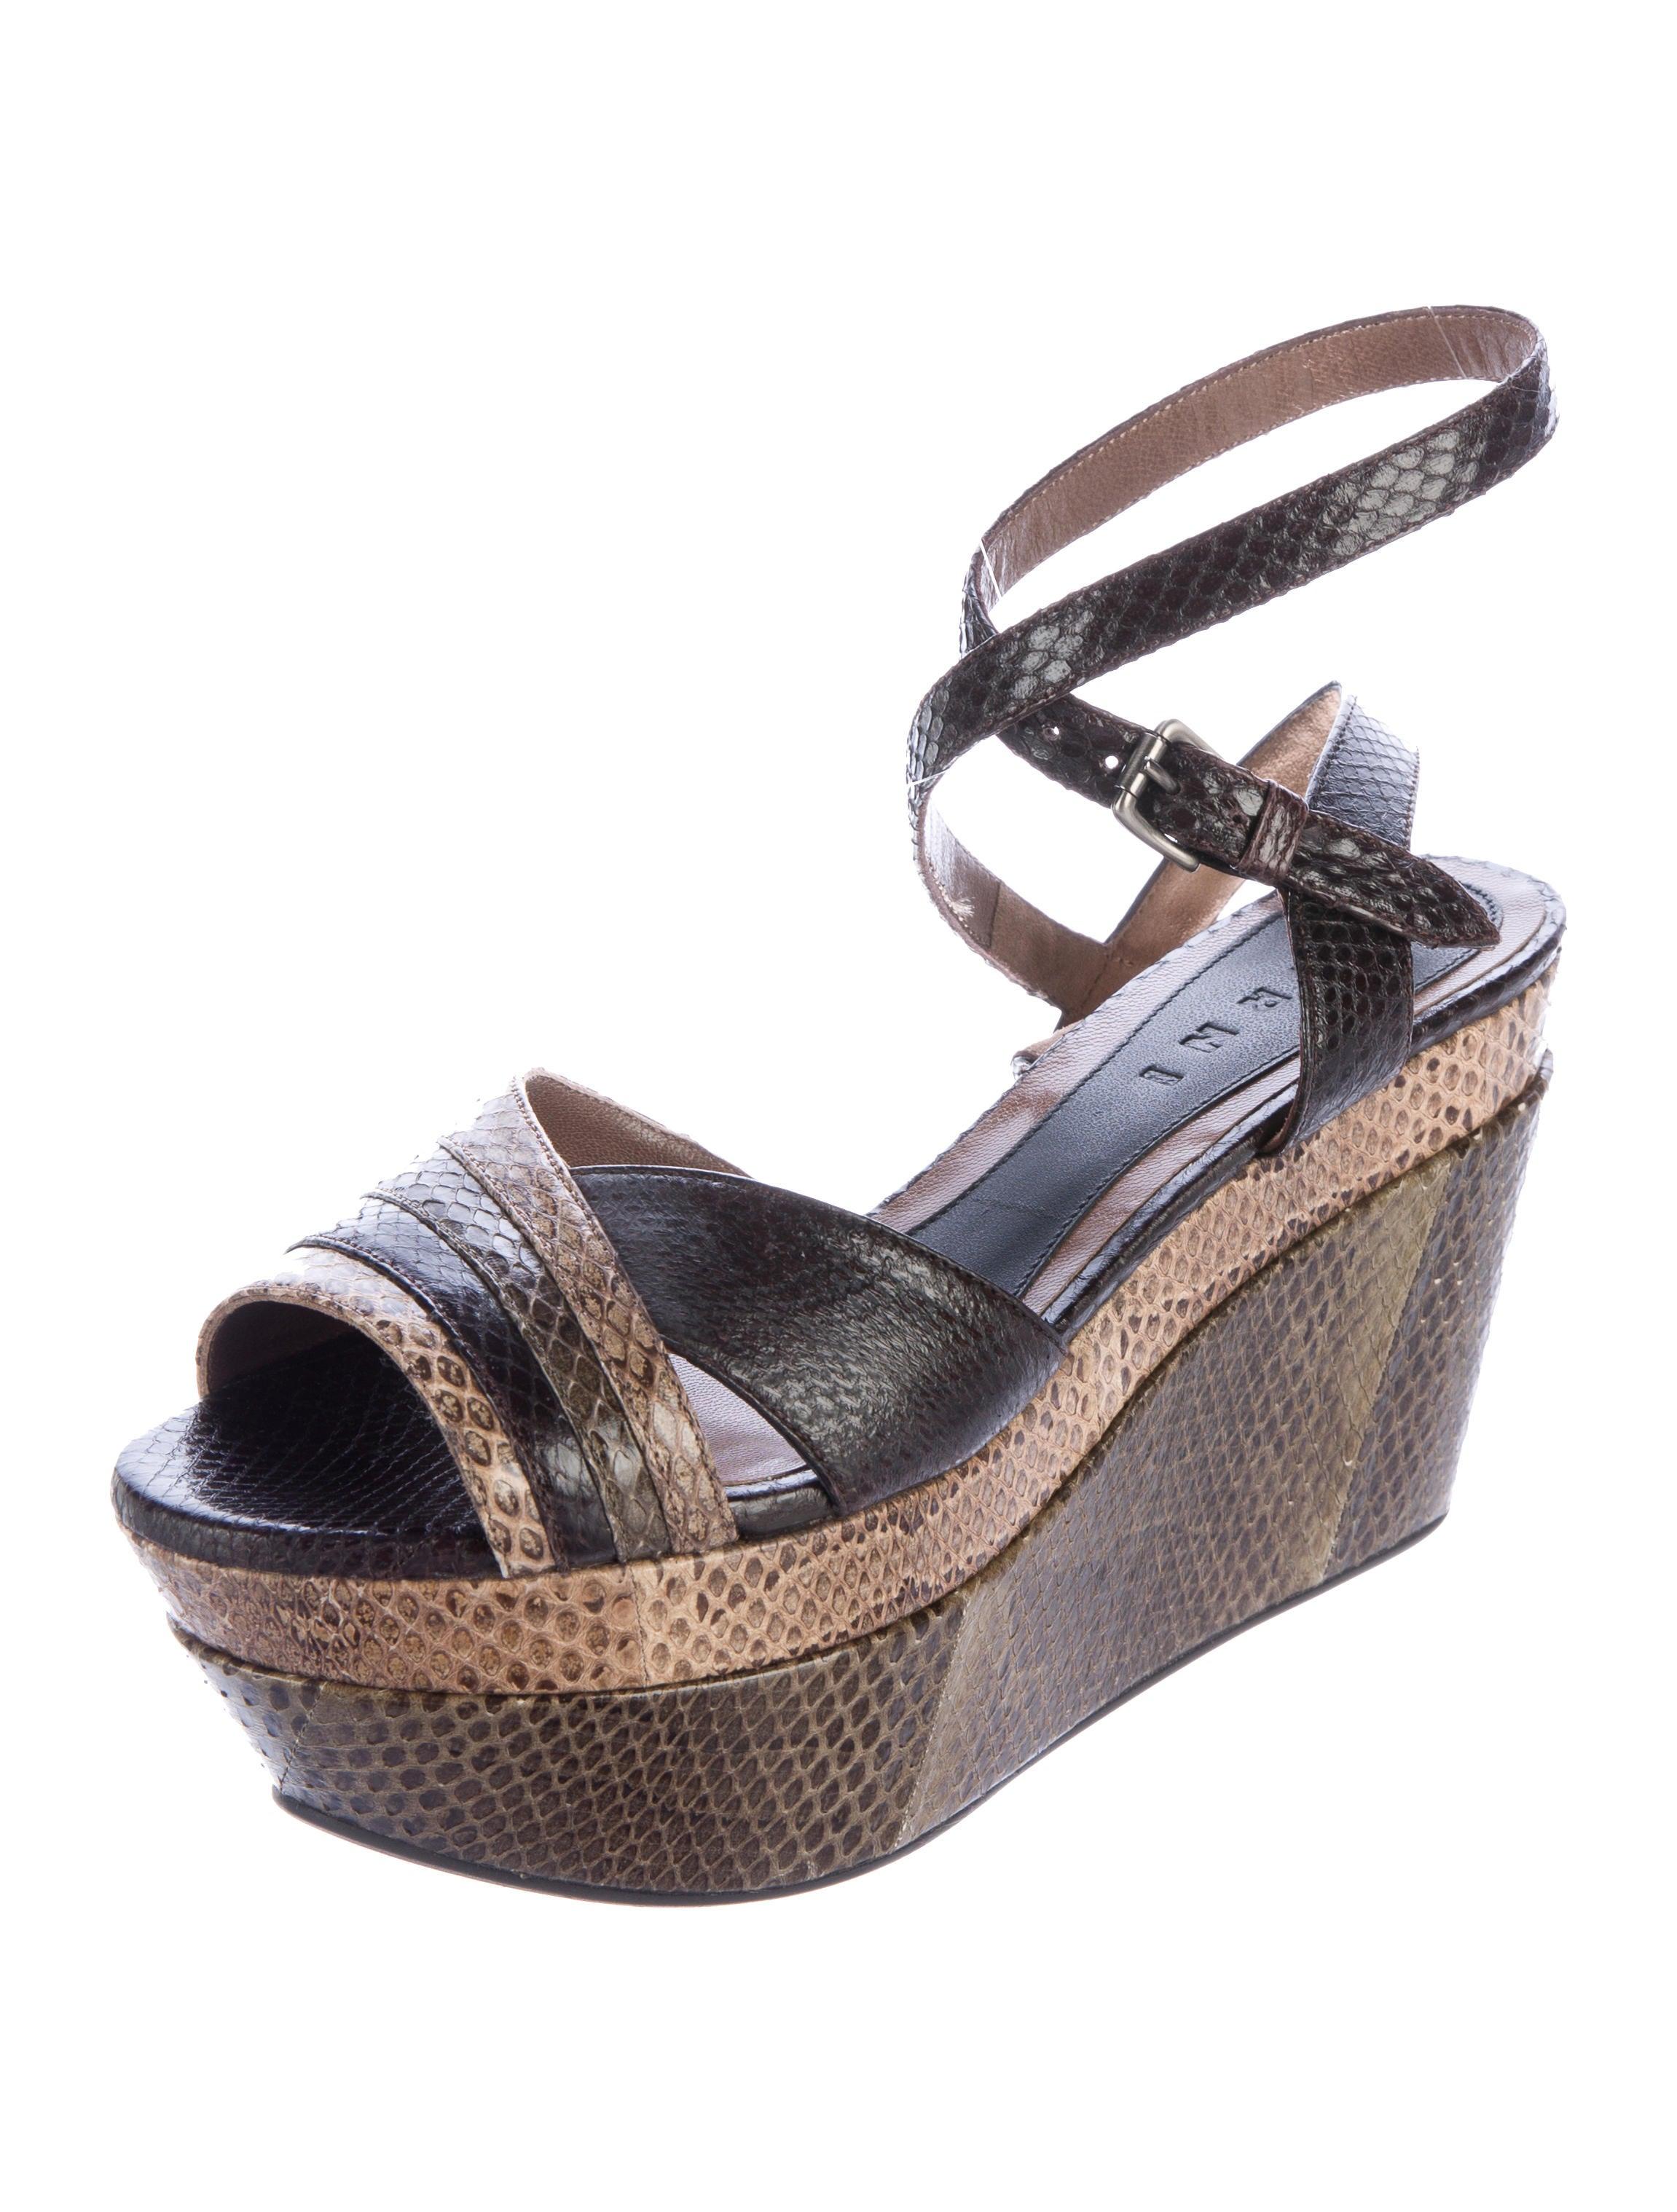 marni snakeskin platform wedge sandals shoes man57013